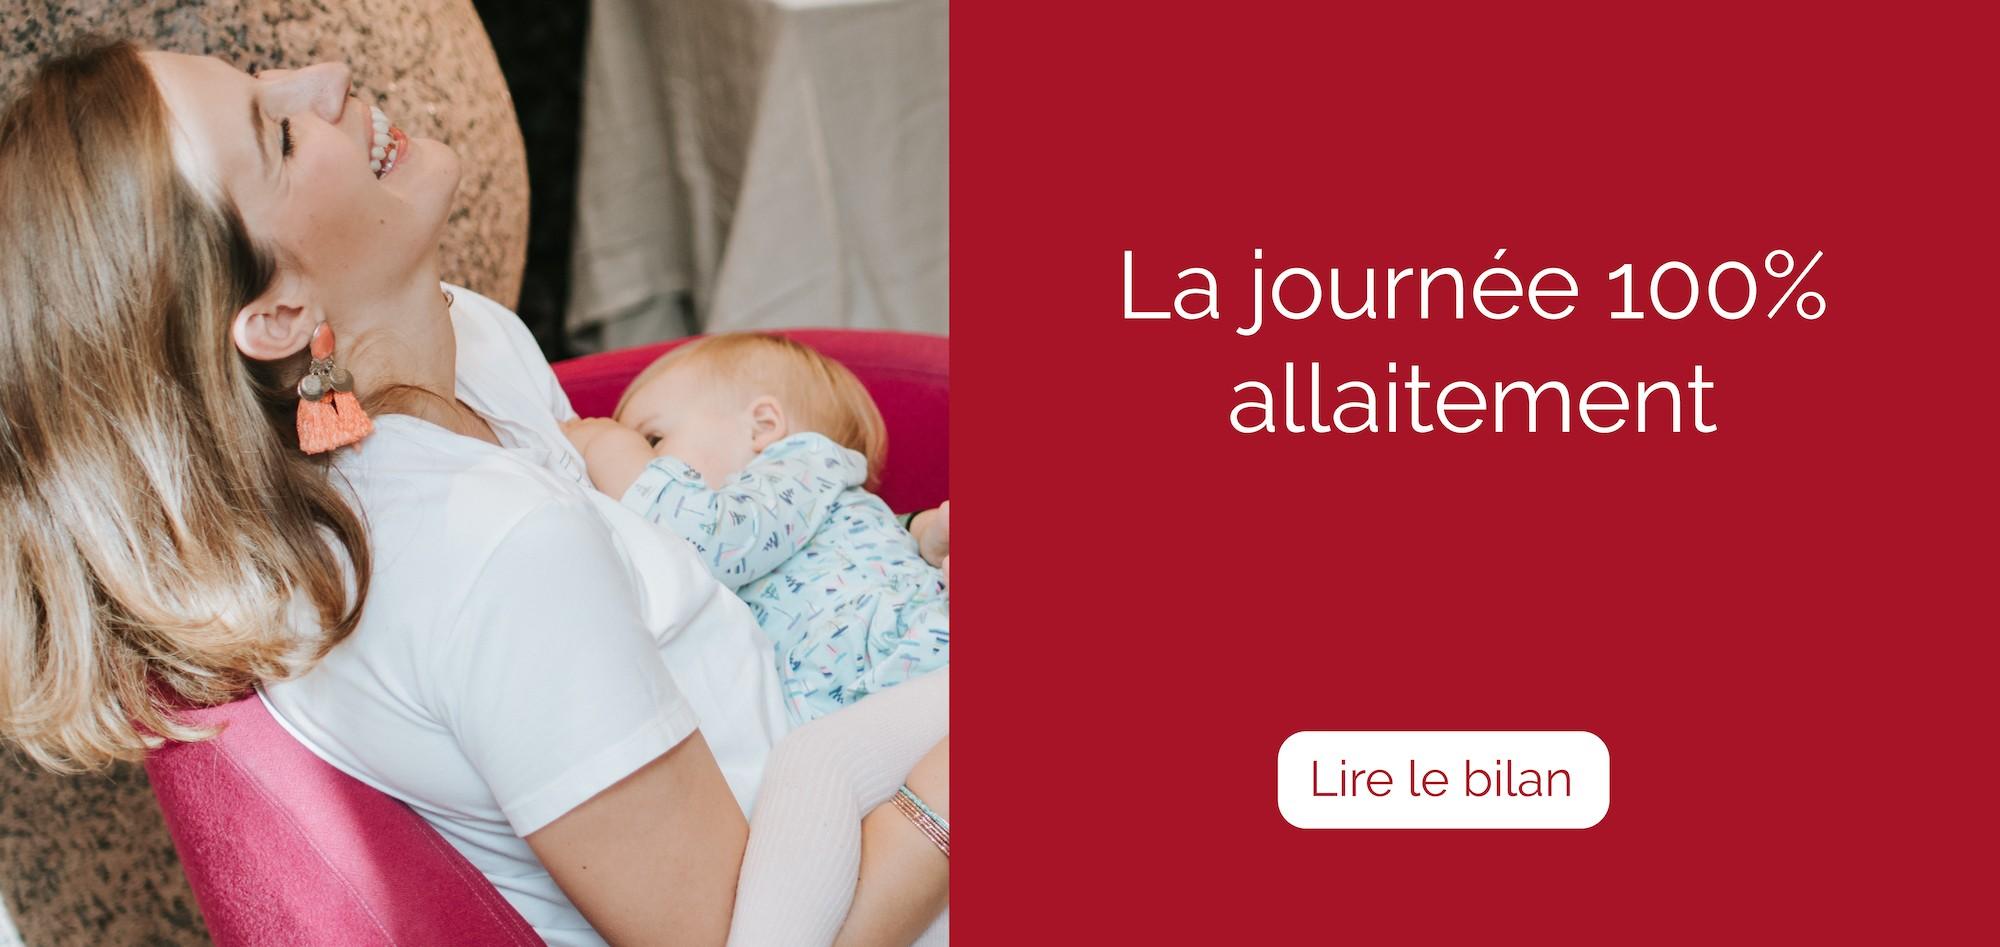 evenement-journee-allaitement-atelier-paris-SMAM-Auxpetitsoins